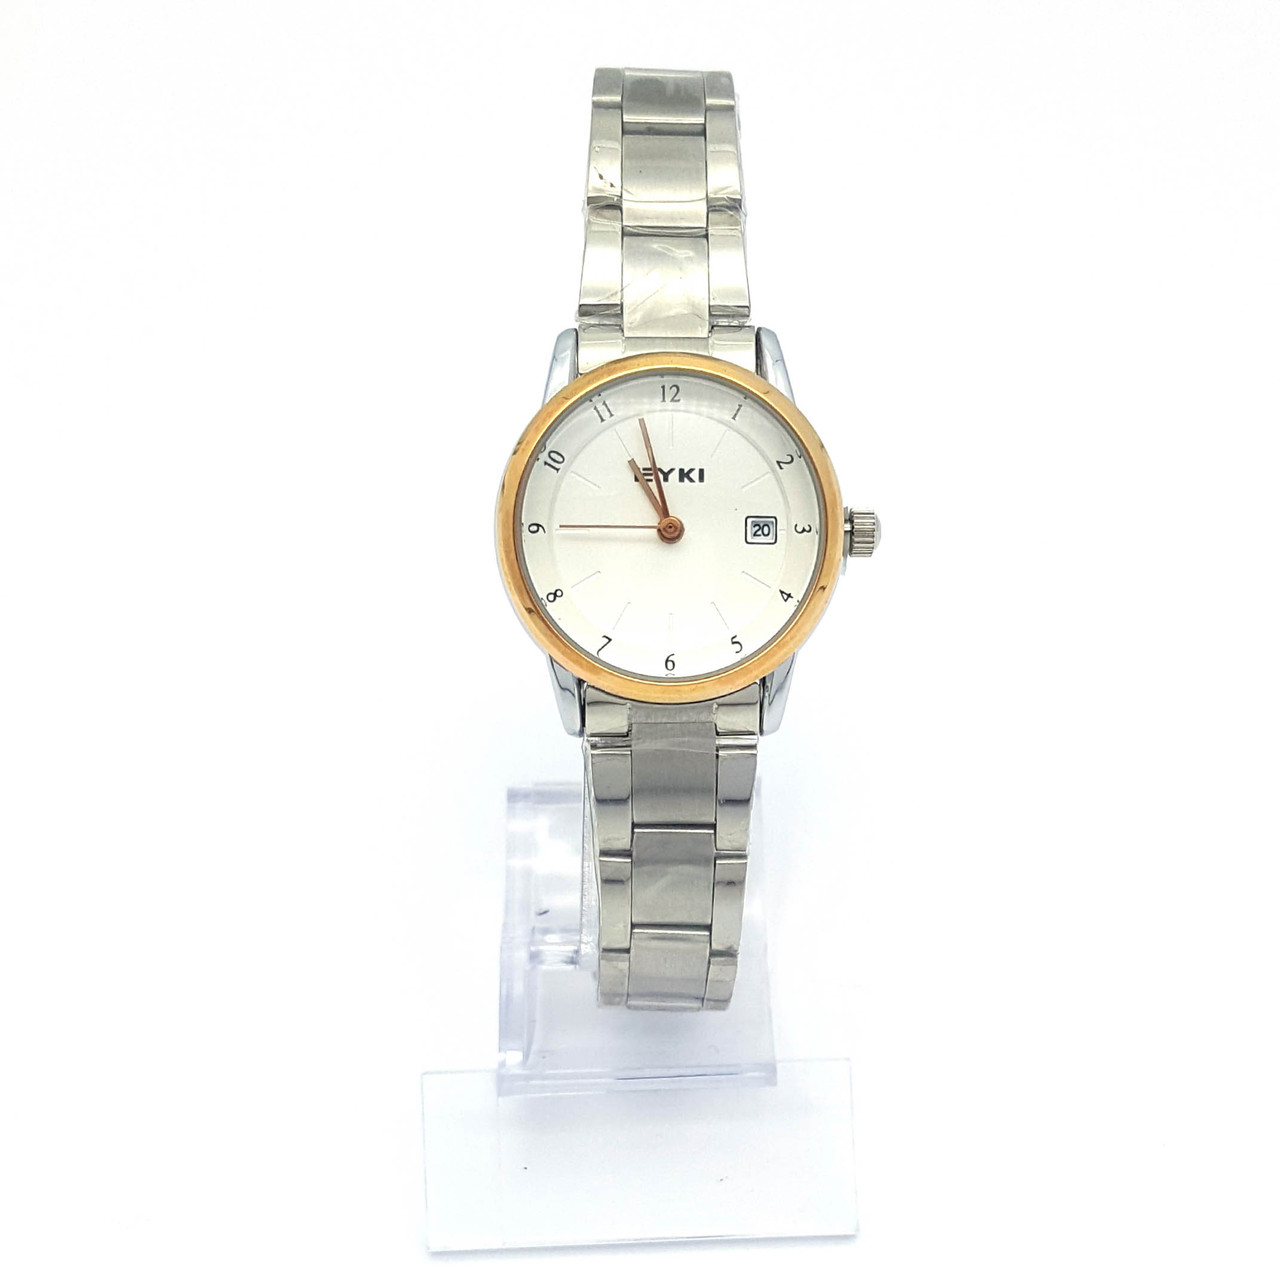 Часы EYKI в Серебре с золотистым ободком, р.20, циферблат 22мм